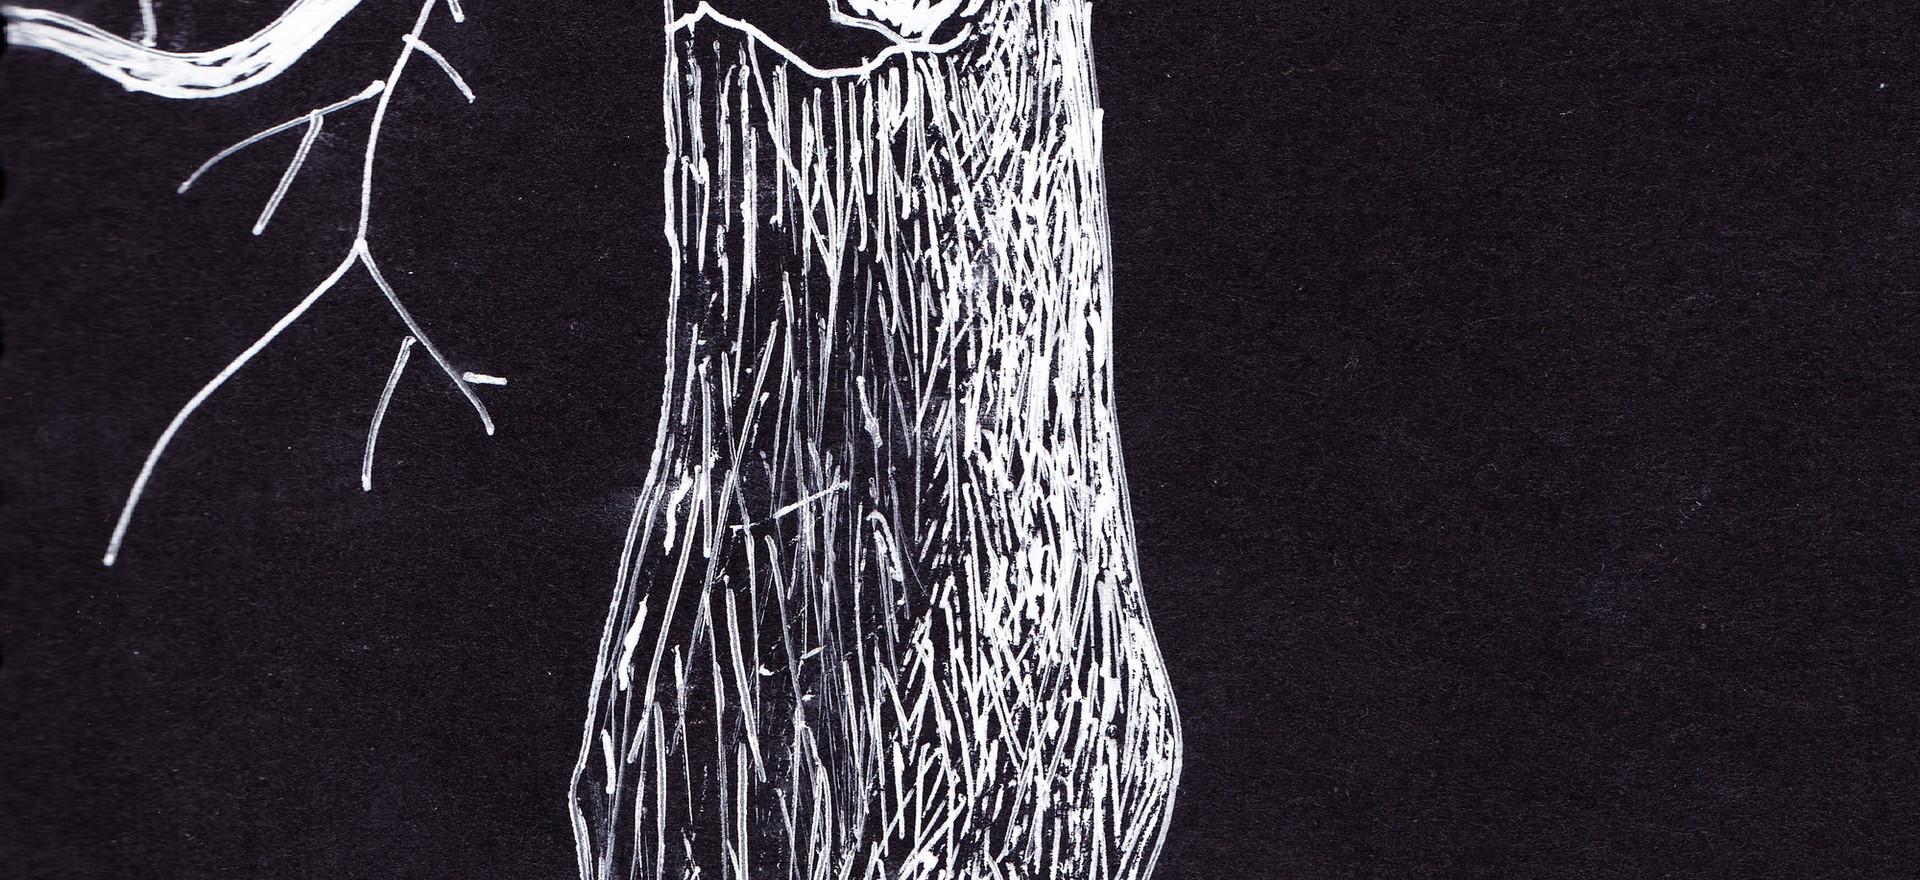 Arbol, 2010,  ink on paper